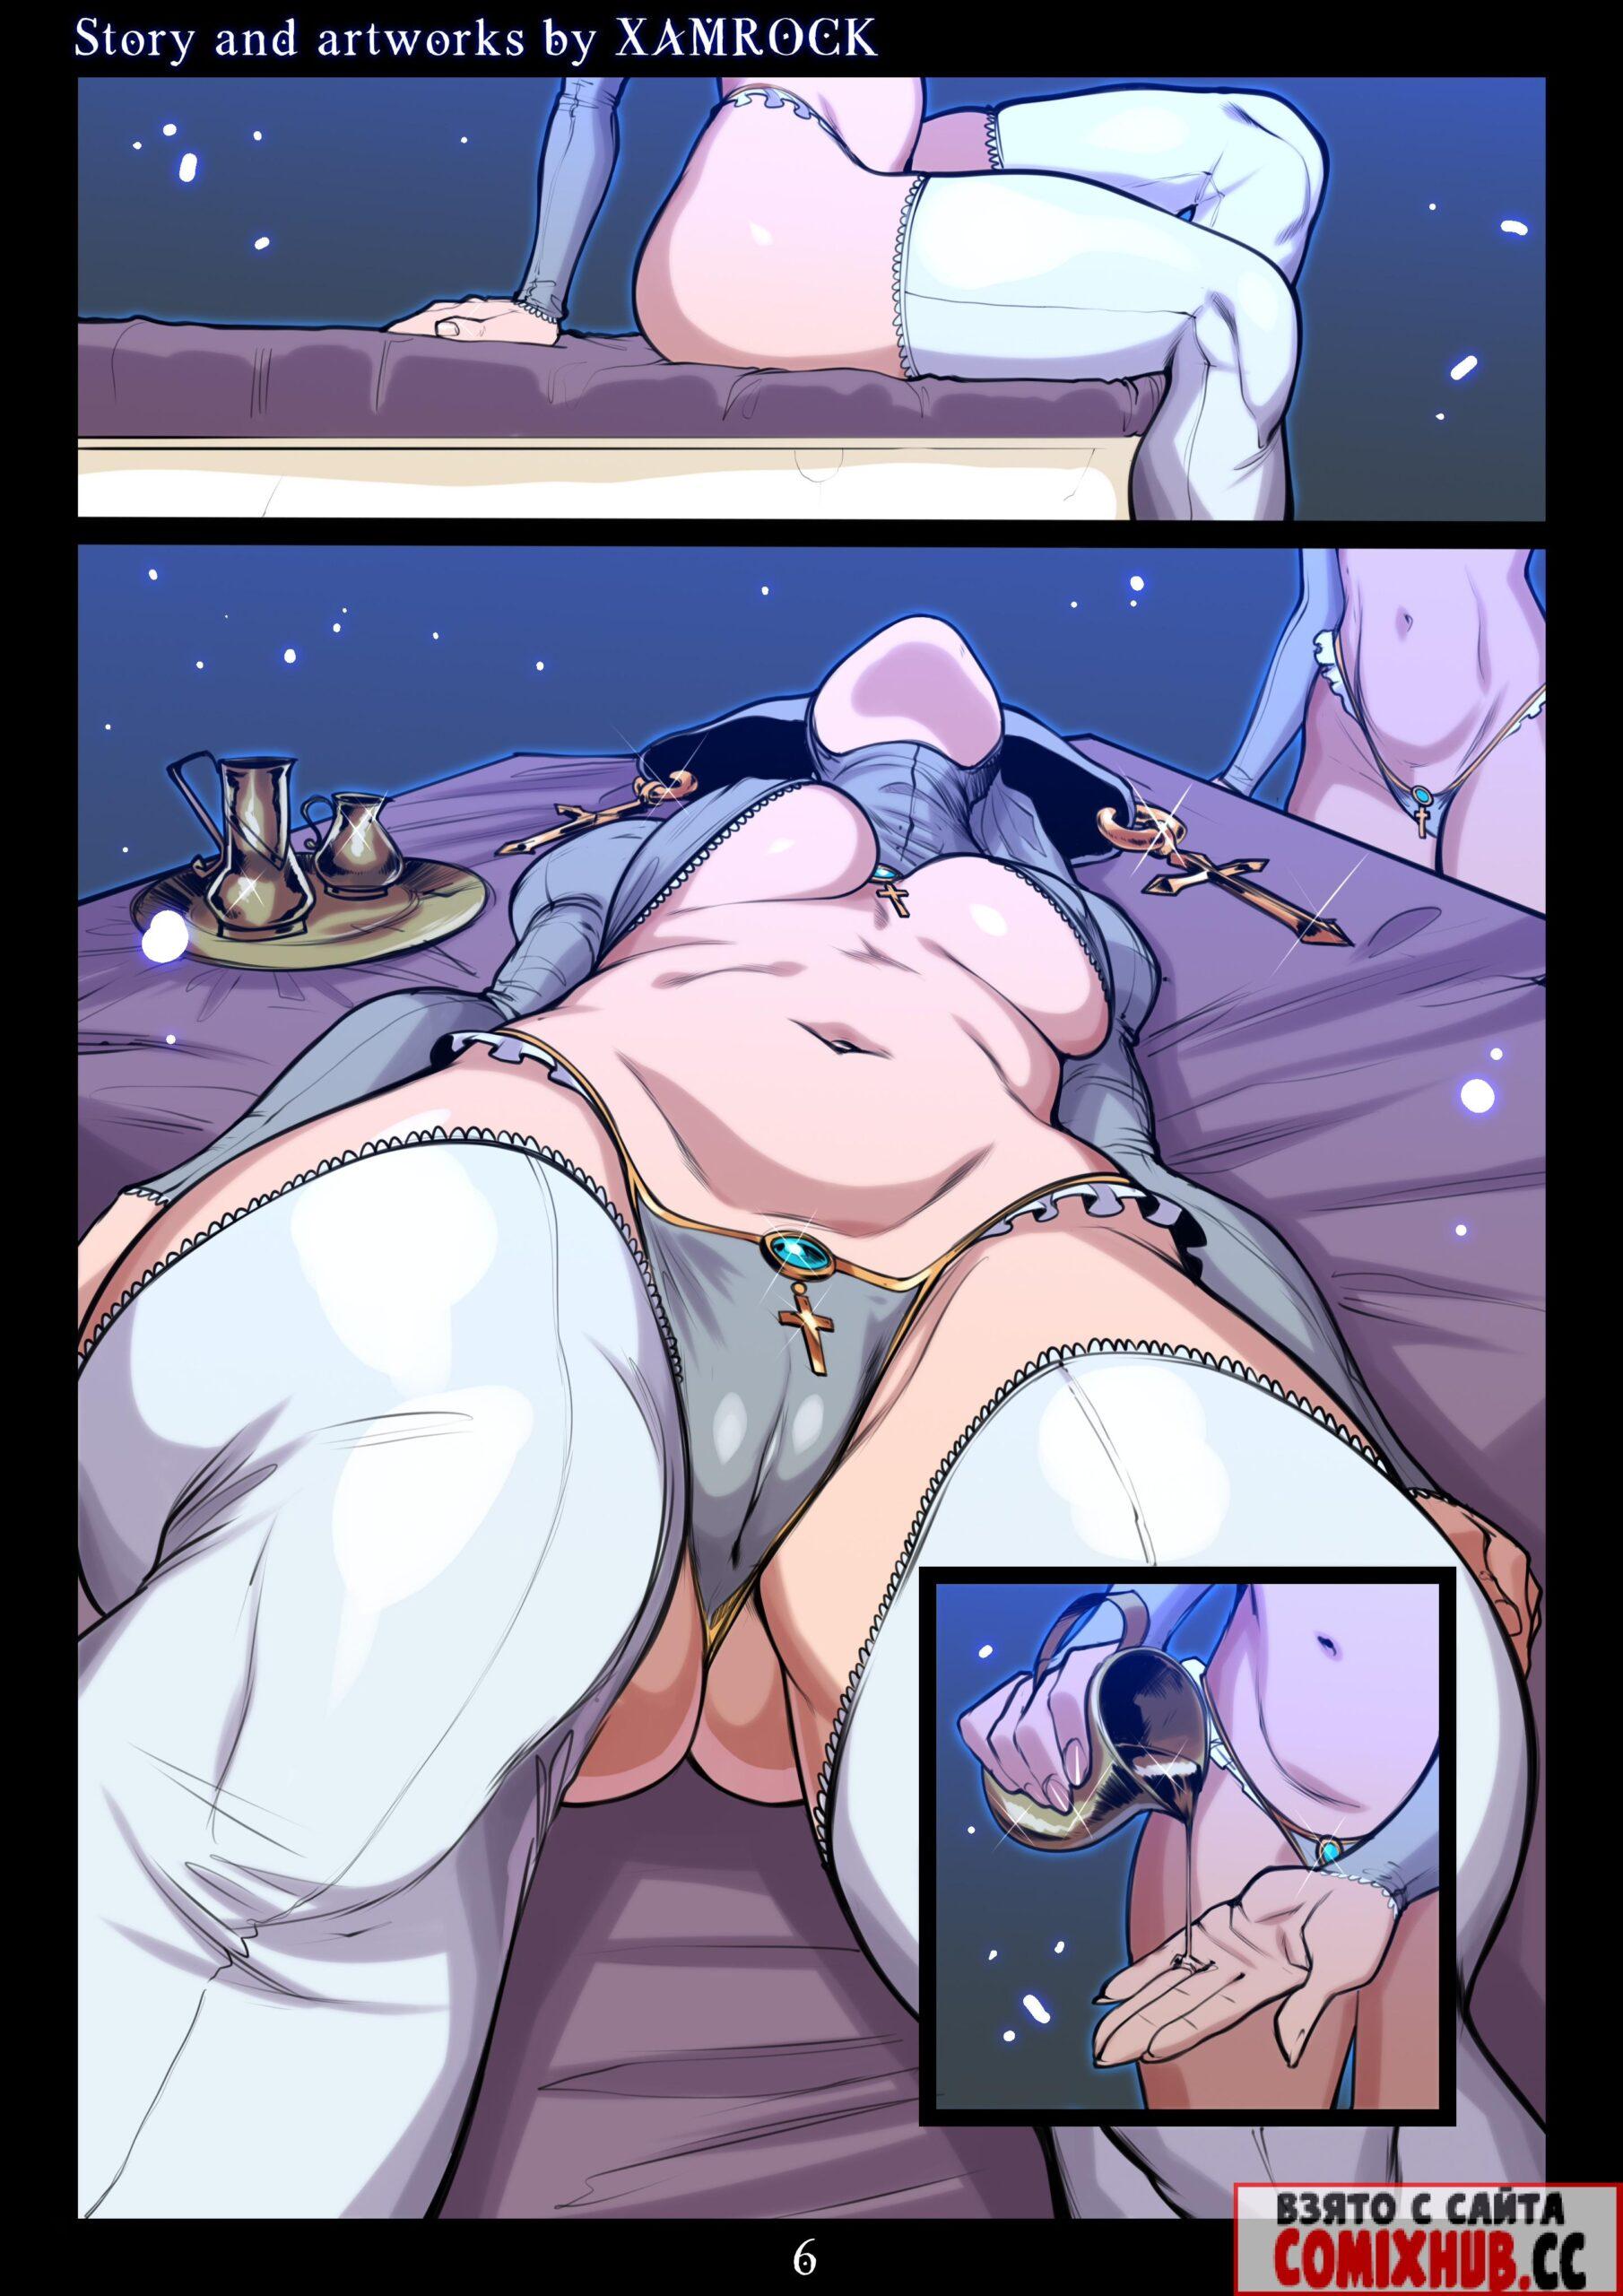 Порно комиксы - Злая Чародейка, часть 2 Большая грудь, Большие члены, Лесбиянки, Минет, Порно комиксы